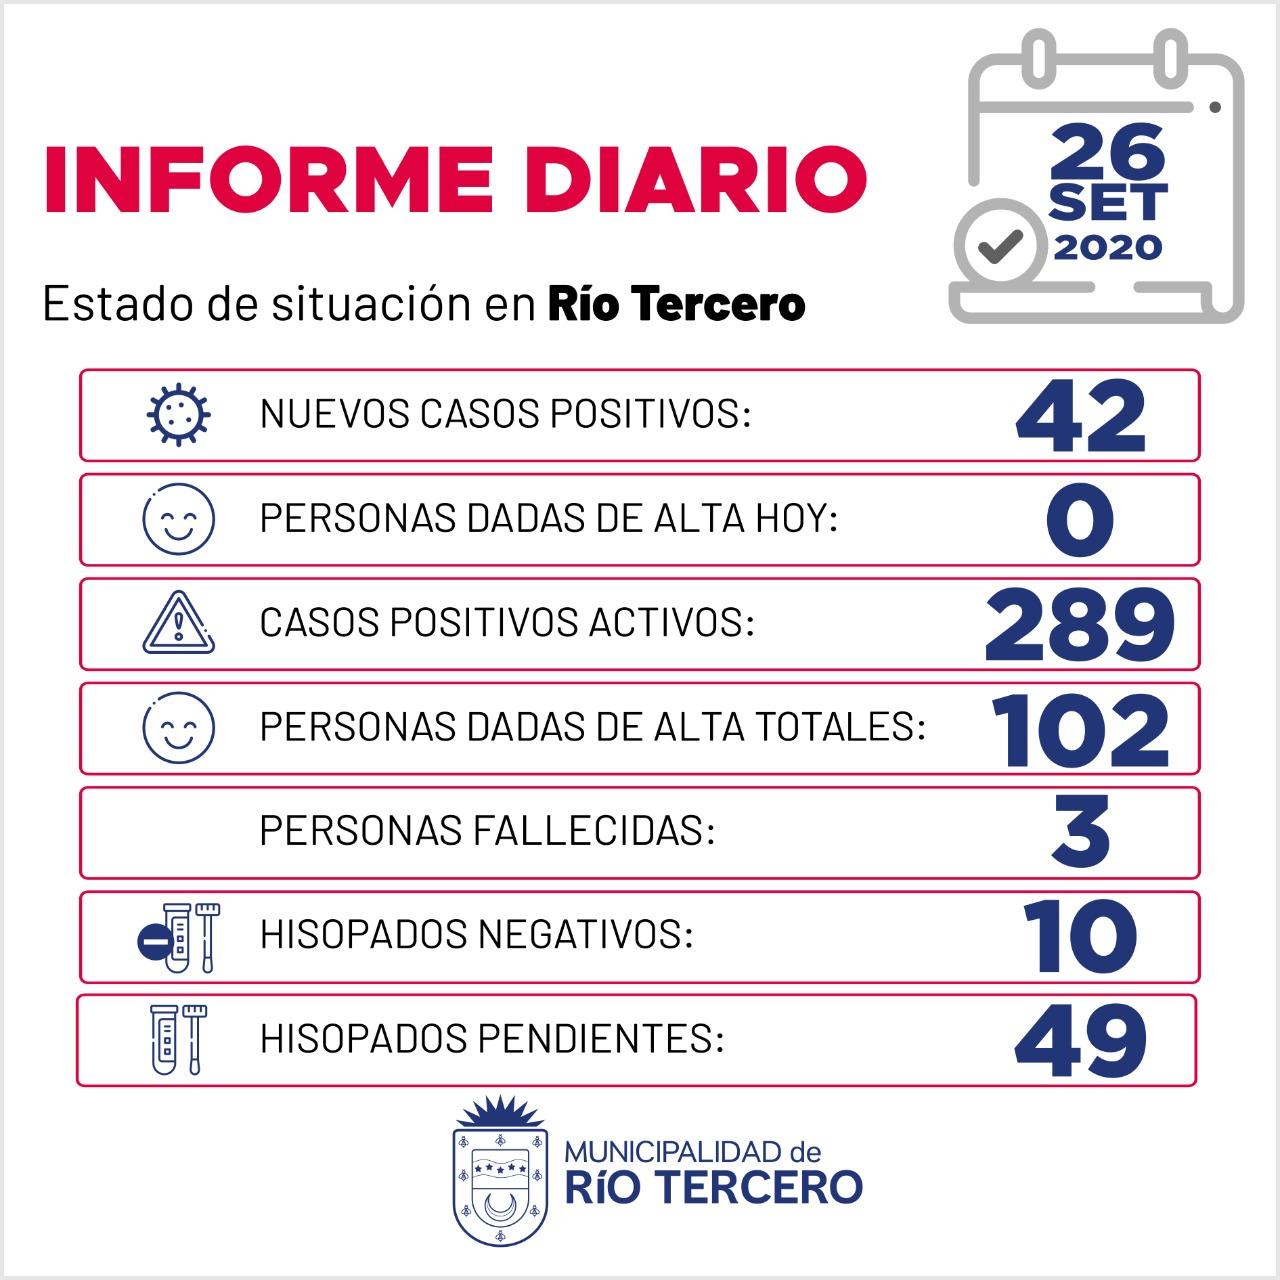 CORONAVIRUS: RÍO TERCERO SE REGISTRARON 42 NUEVOS CASOS, HAY 49 ANÁLISIS PENDIENTES